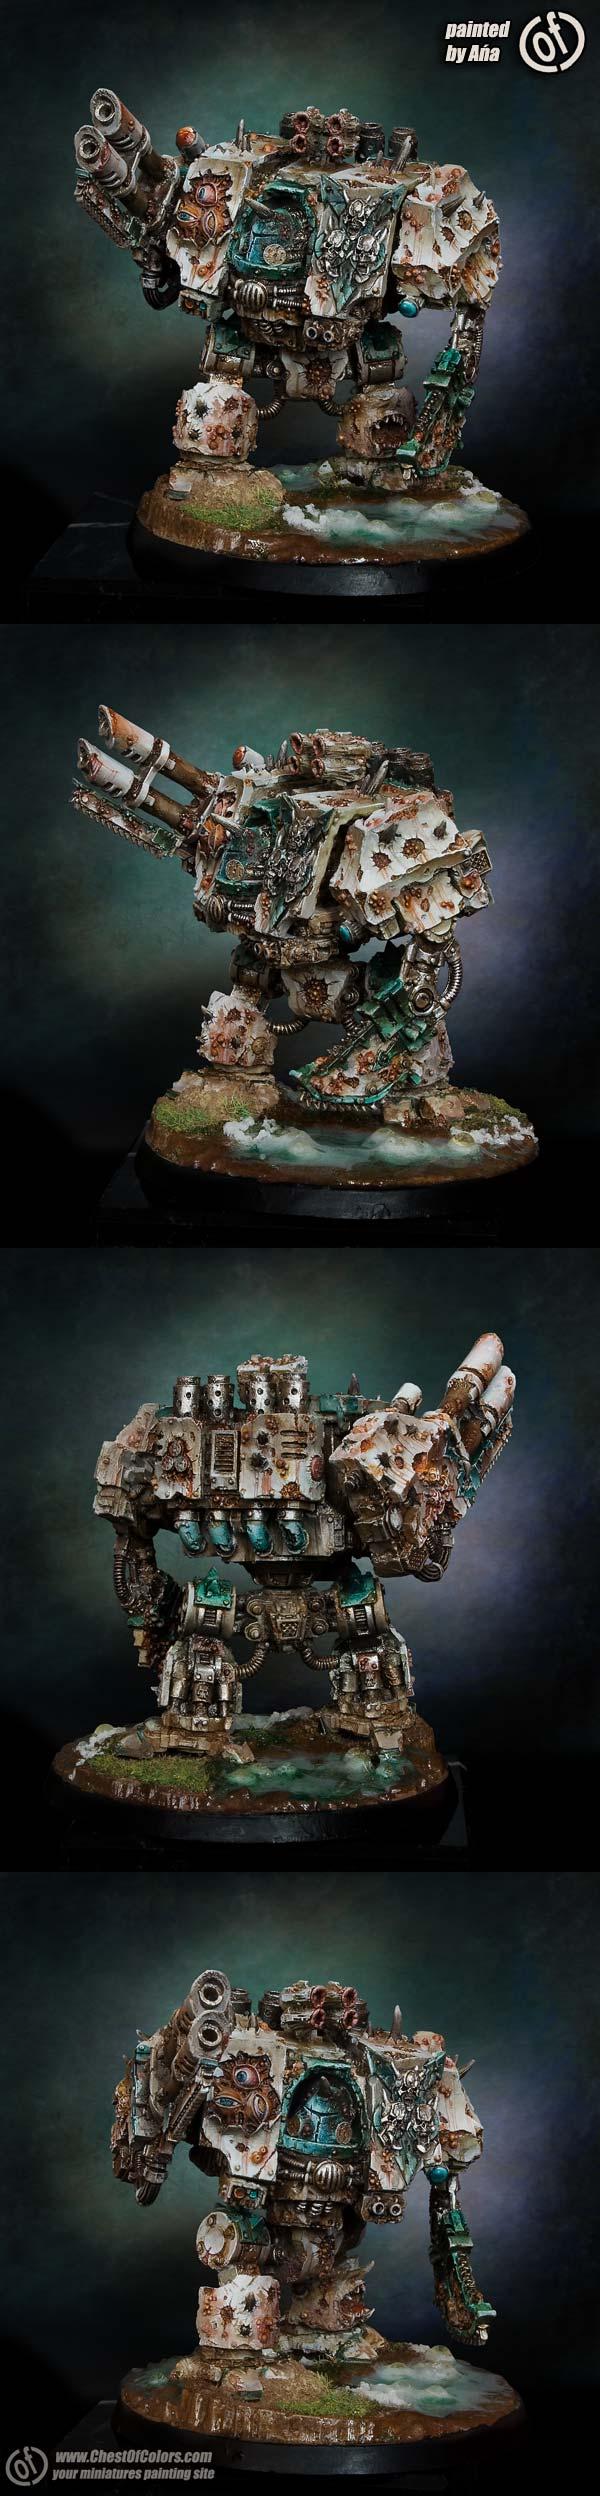 Death Guard Dreadnought of Nurgle